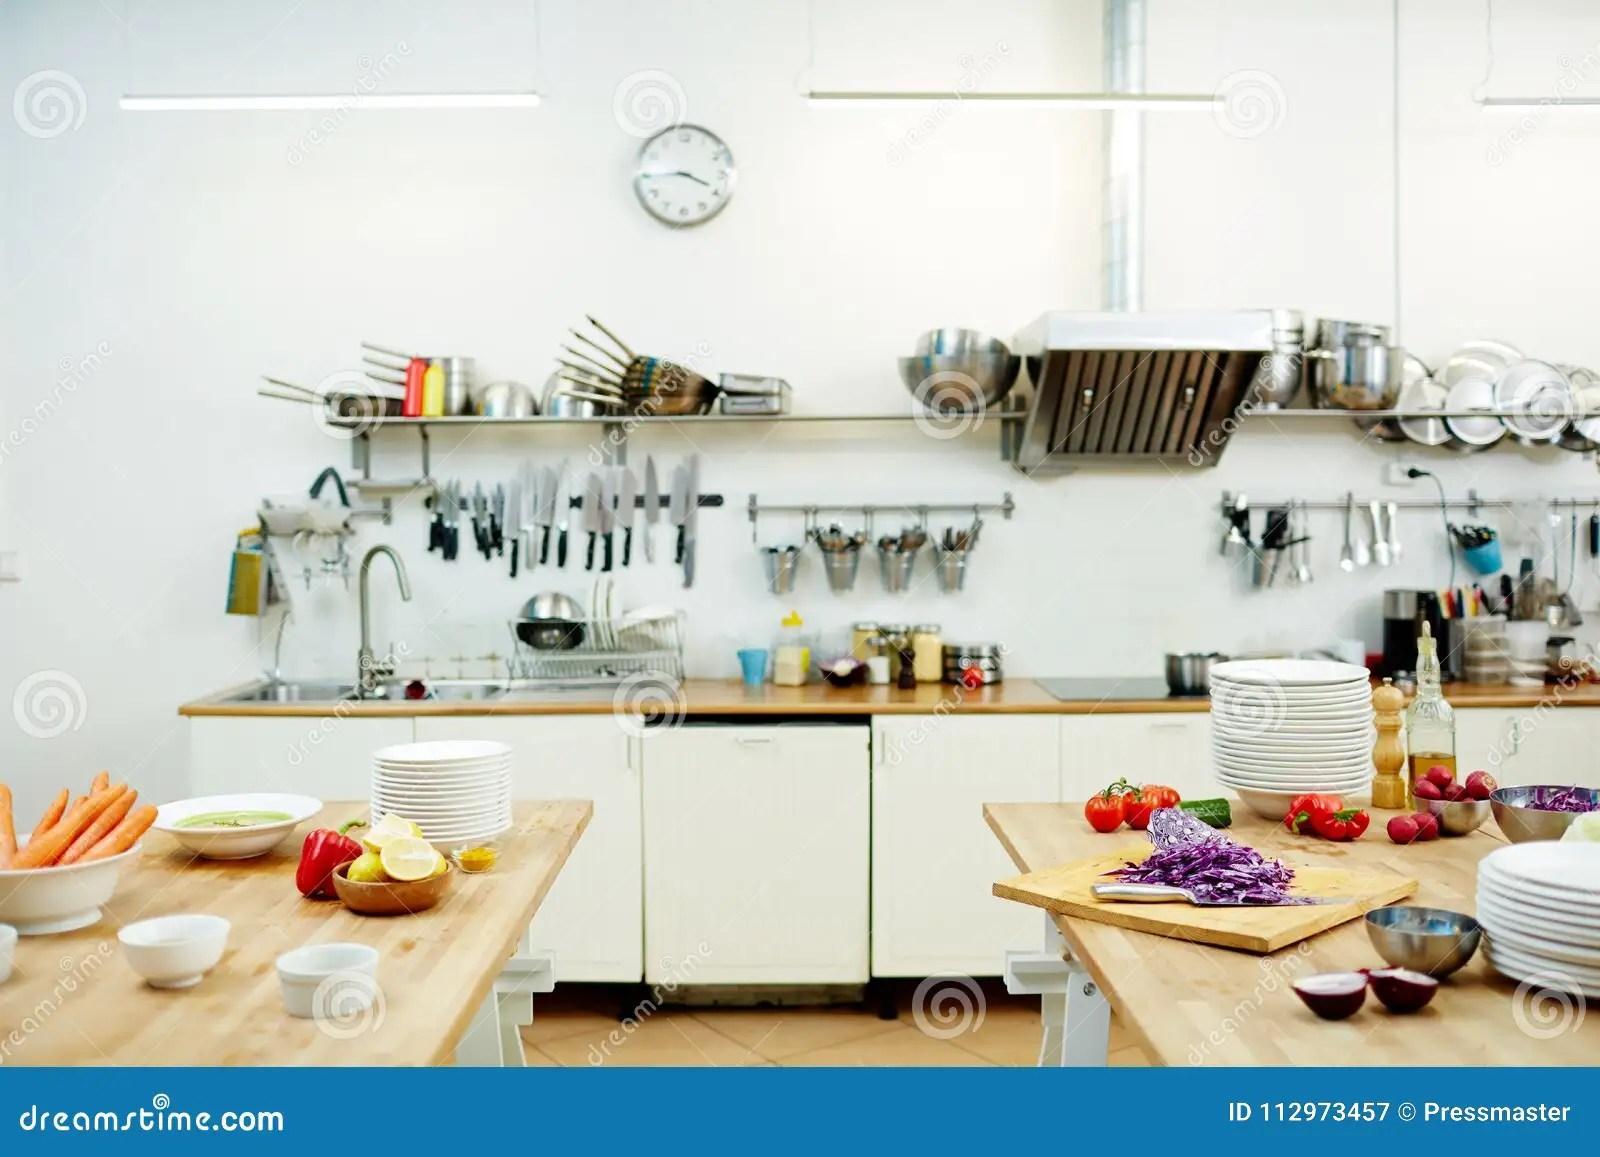 kitchen prep table how to remodel your 餐馆厨房库存图片 图片包括有用品 主厨 厨具 准备 烹调 餐馆 弯脚 现代餐馆厨房以厨具和新鲜蔬菜品种在桌上